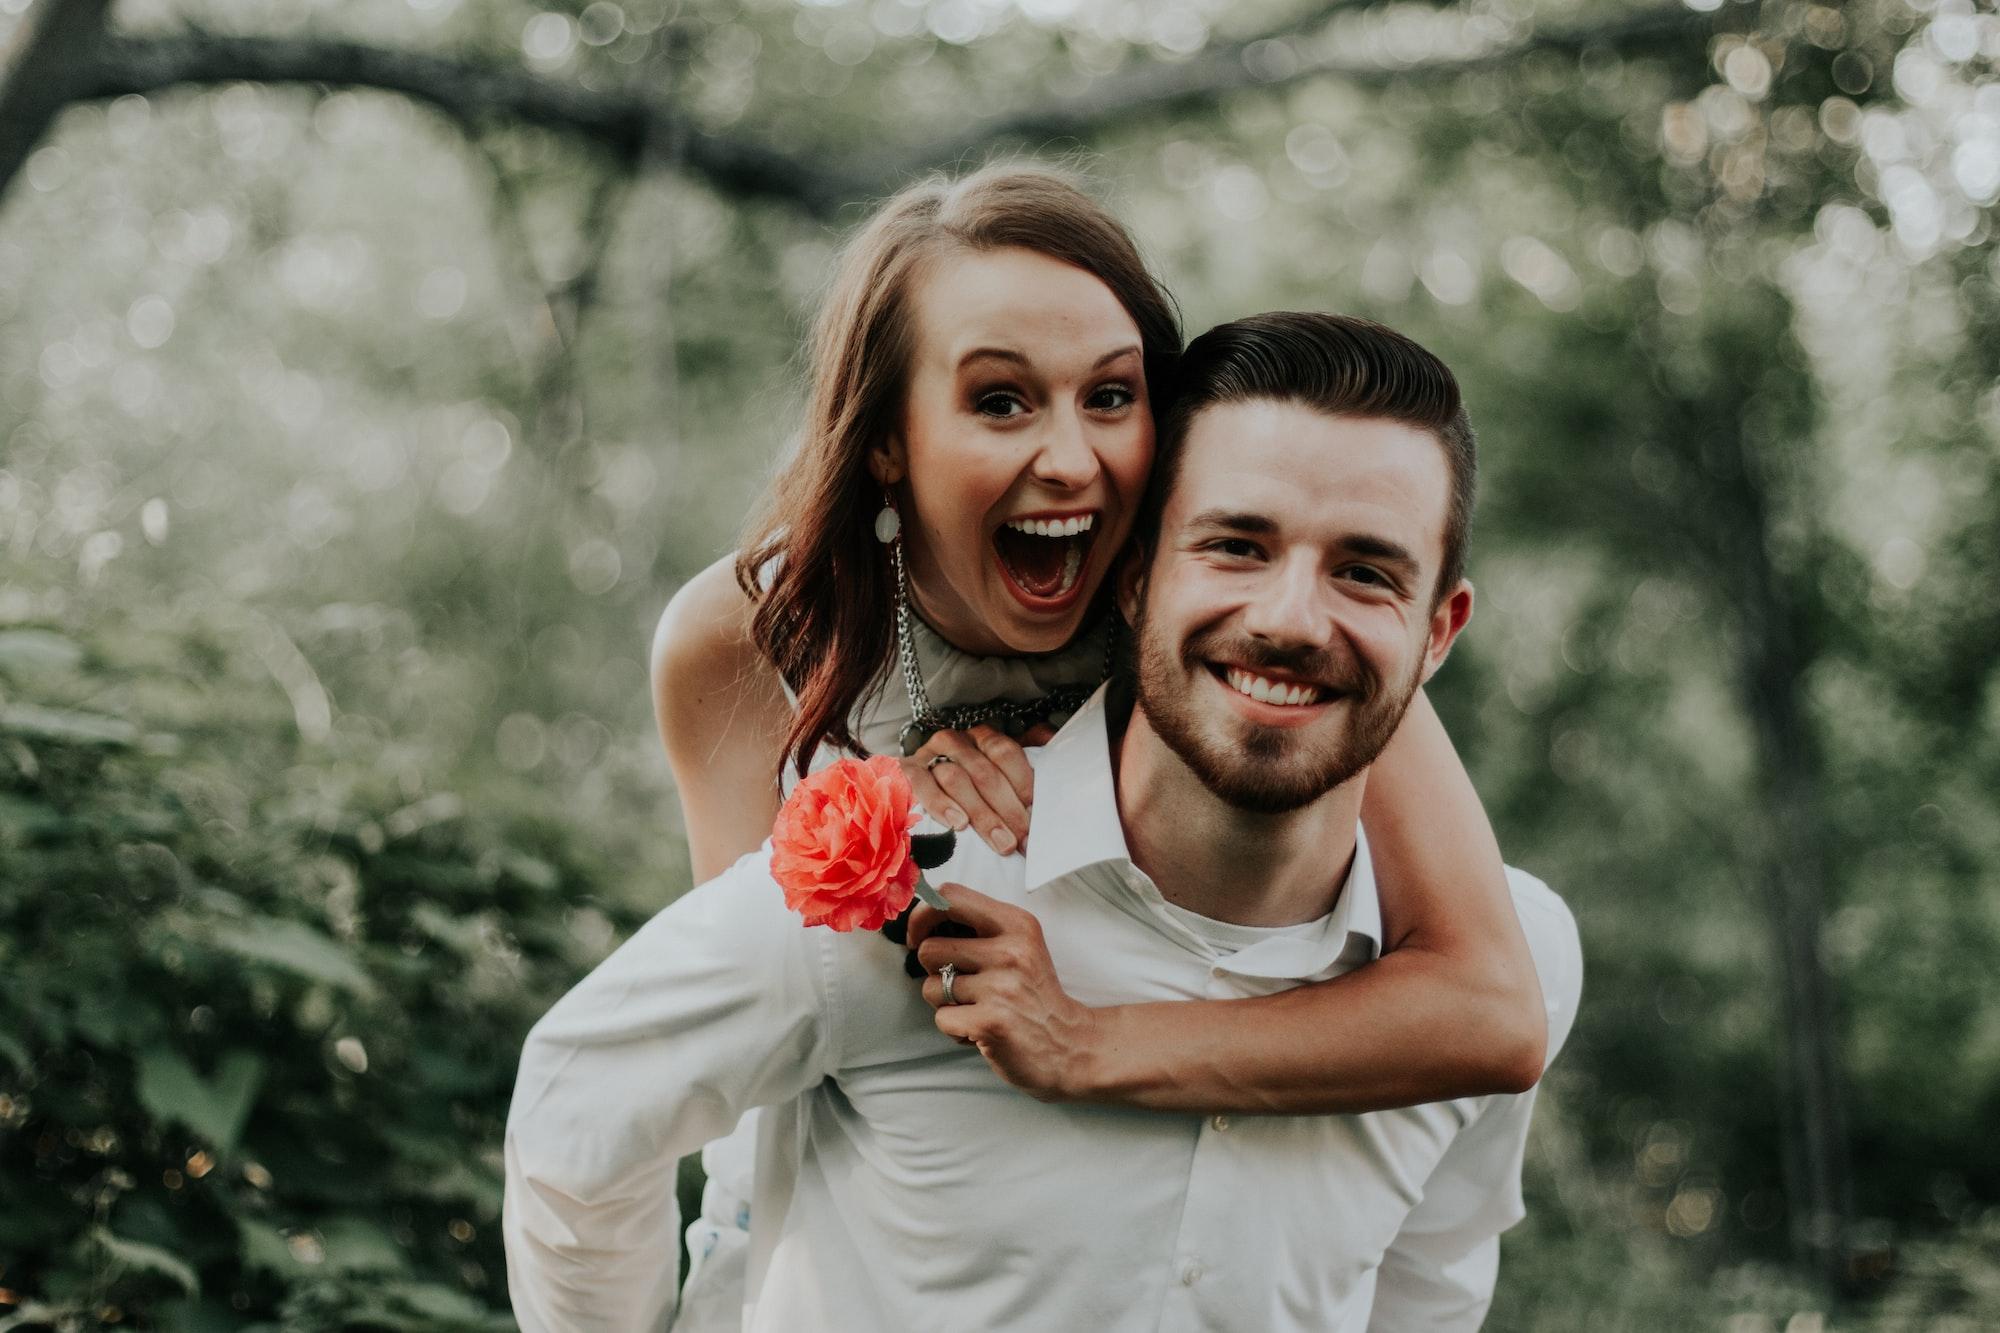 Les 6 signes qui montrent que votre couple est solide